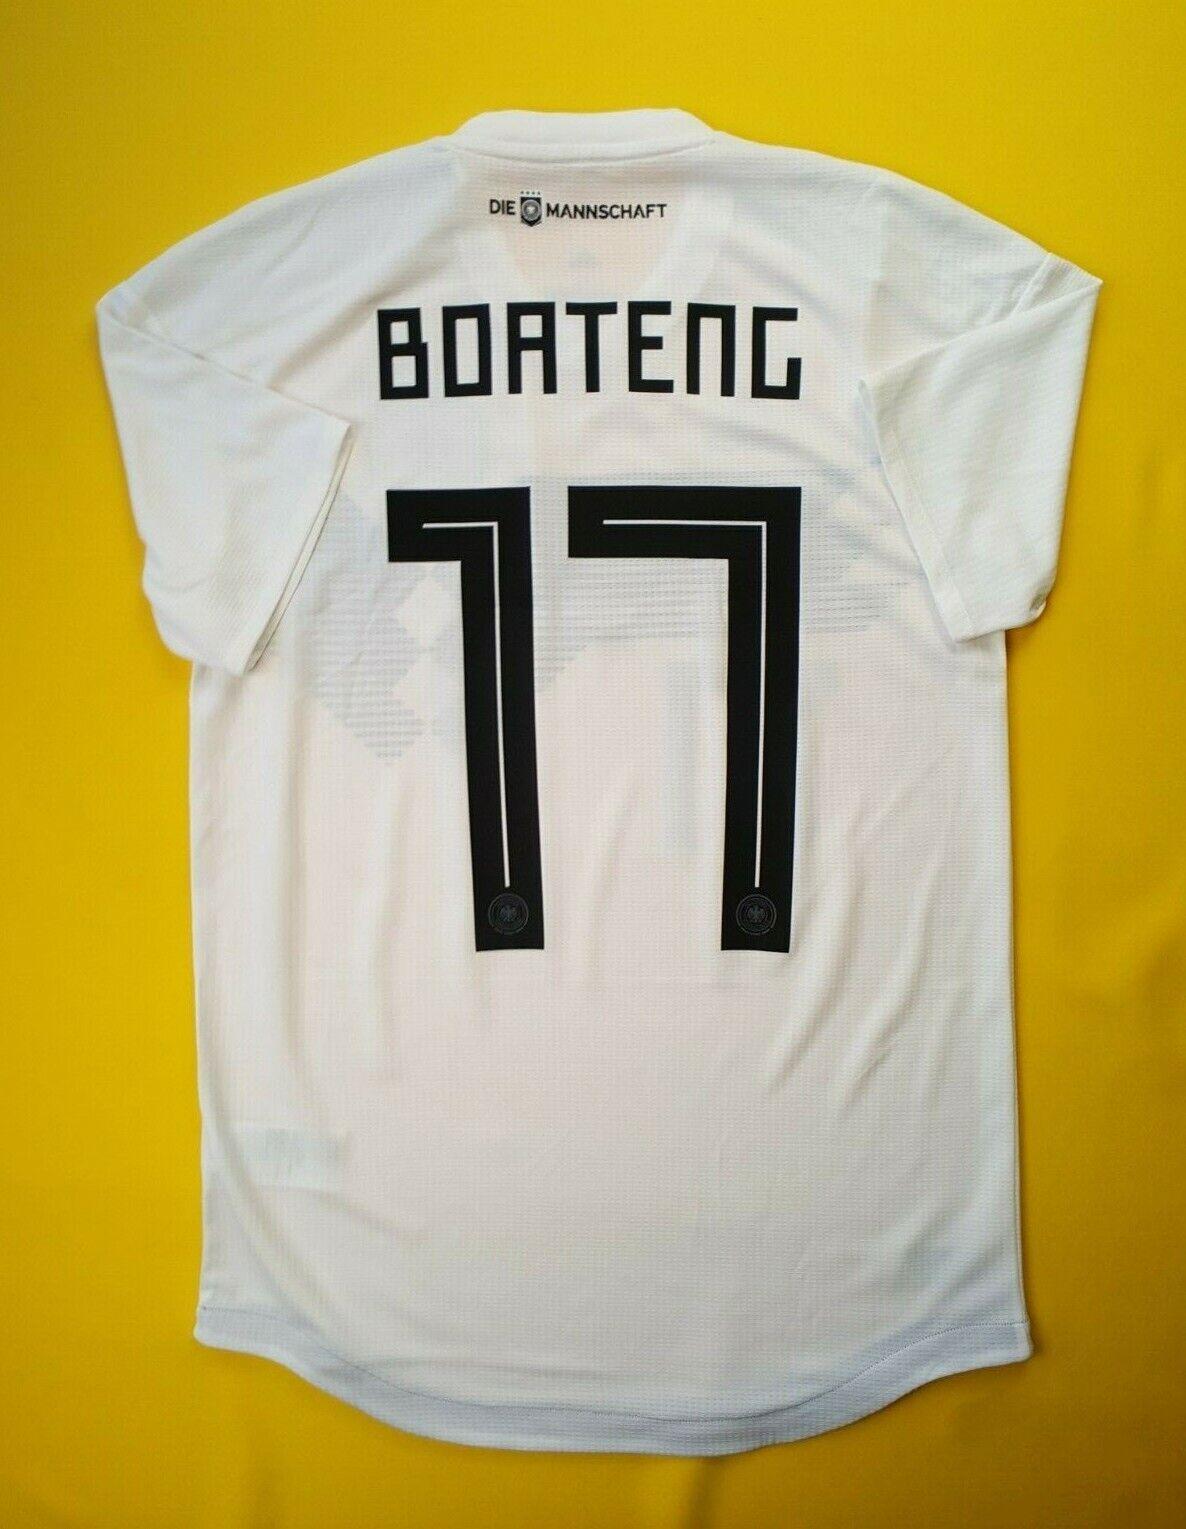 5+ 5 Boateng Alemania Autentic Jersey Camisa Casa pequeño de 2018 BR7313 Adidas ig93